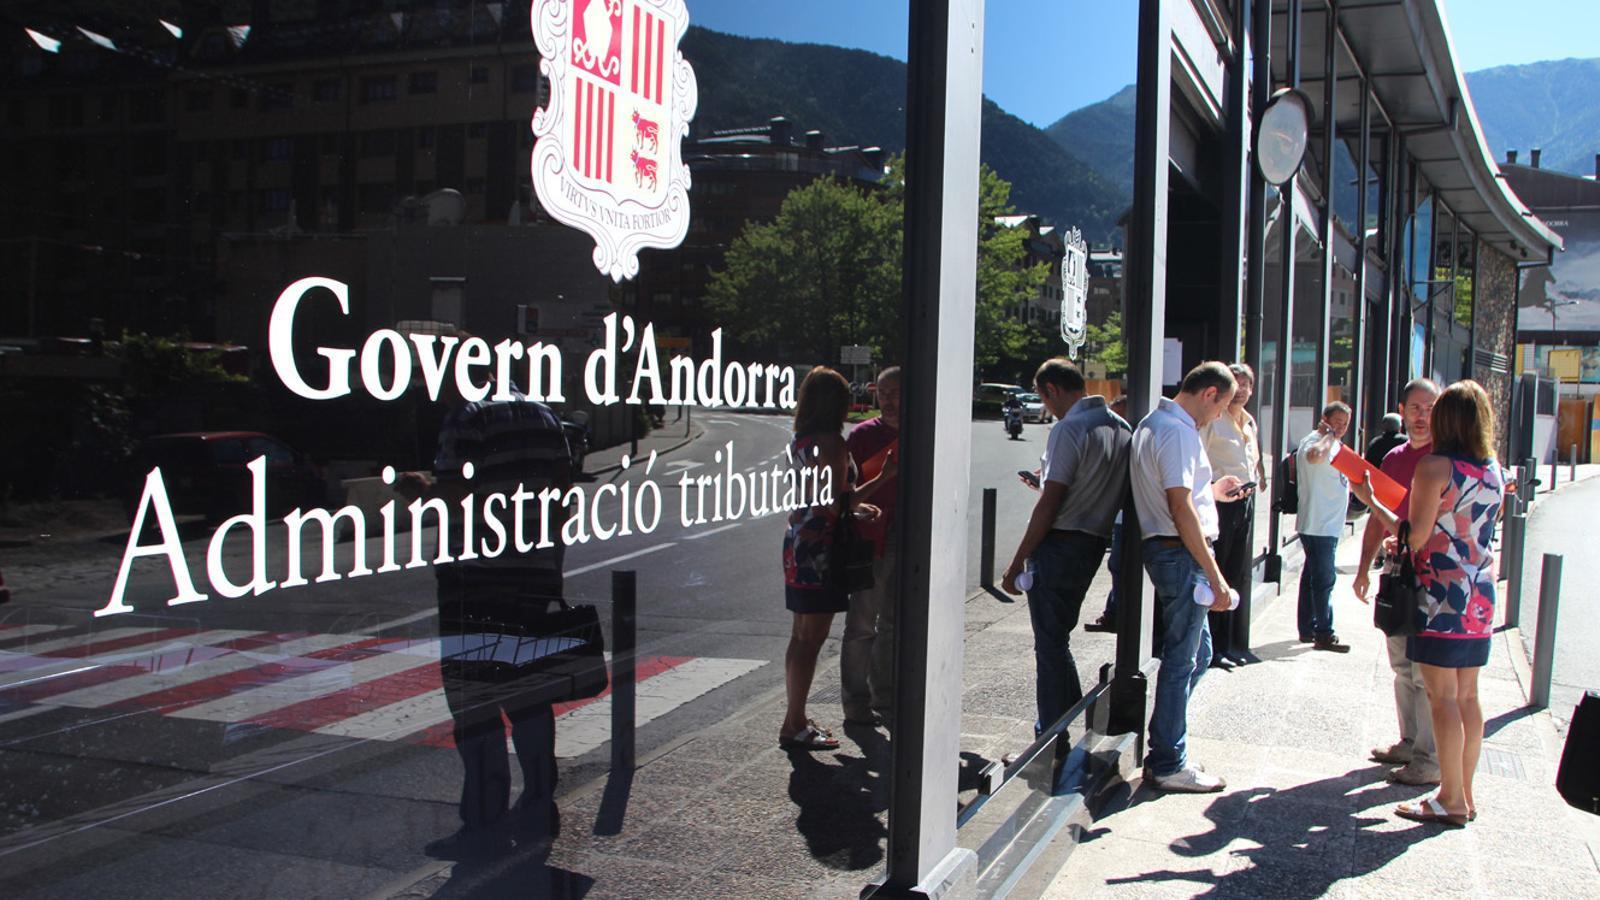 Façana de l'Administració Tributària d'Andorra./Arxiu ARA